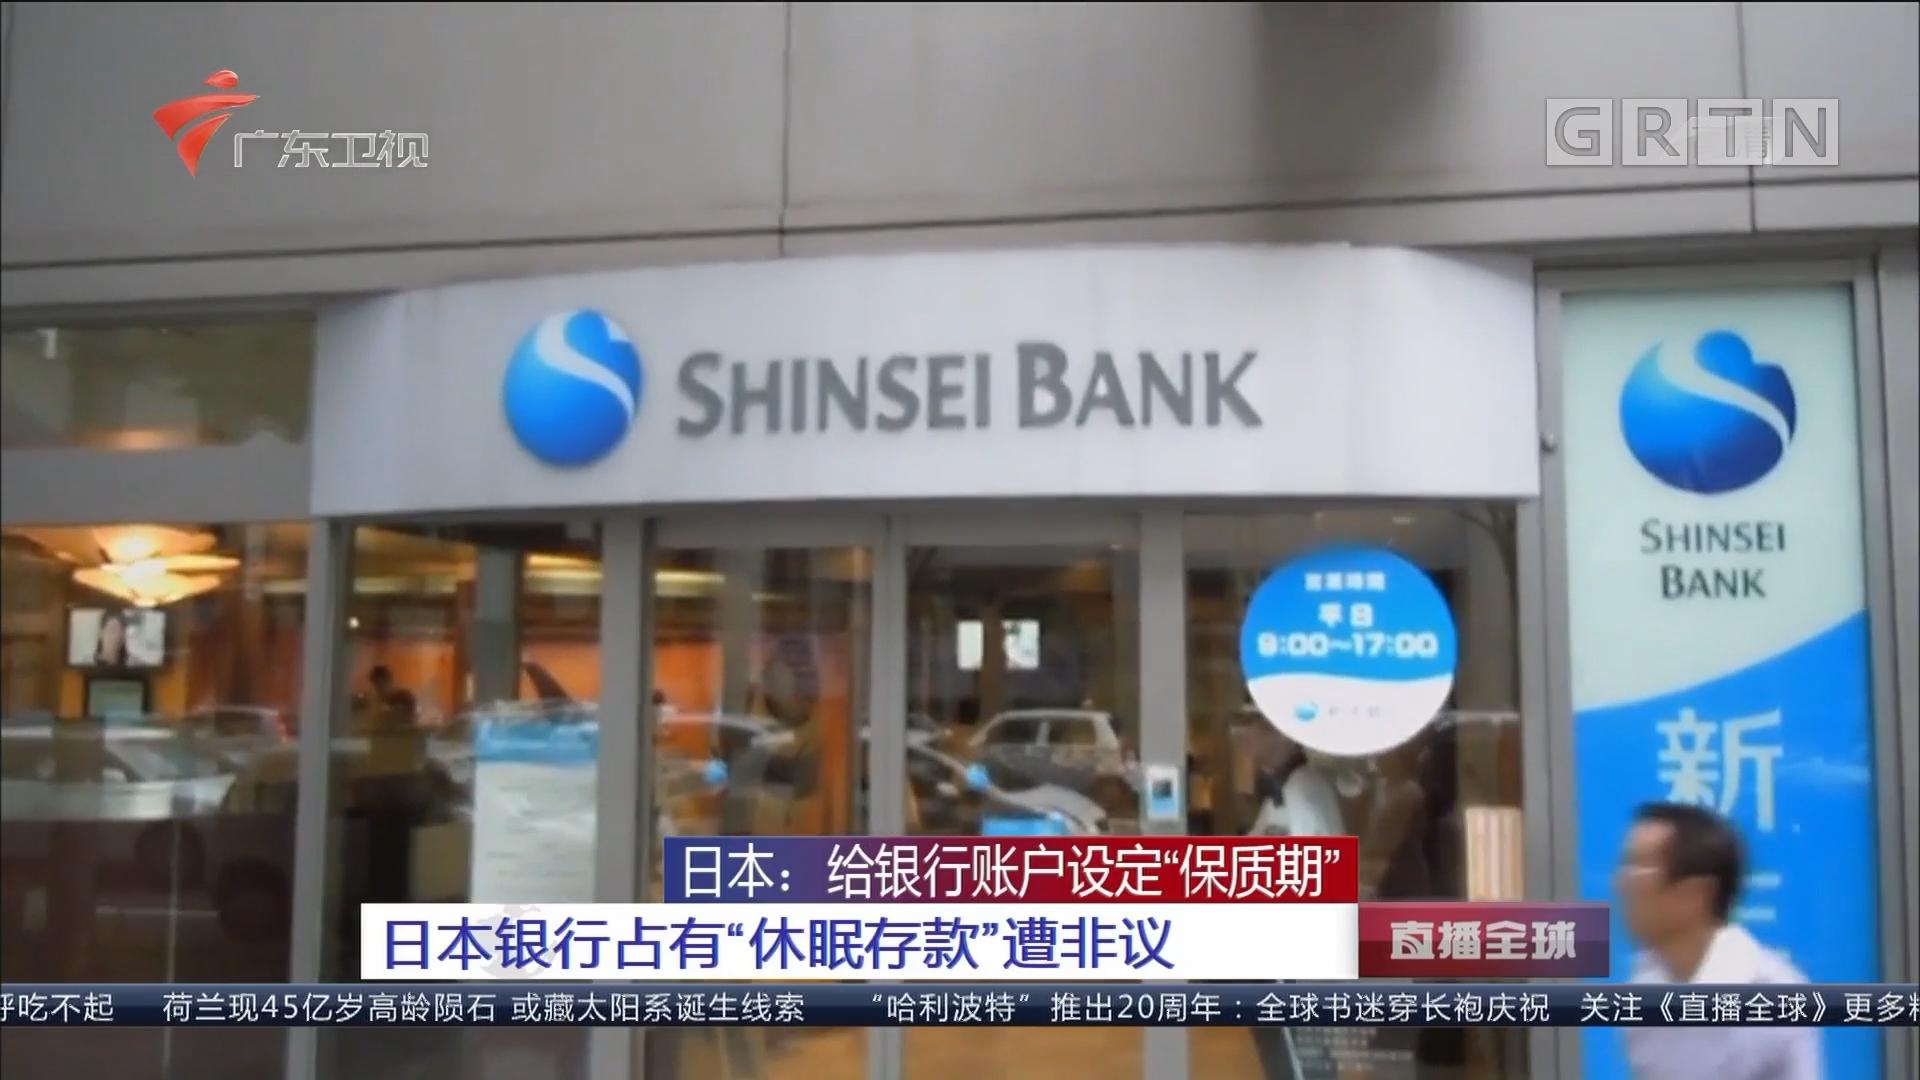 """日本:给银行账户设定""""保质期"""" 日本银行占有""""休眠存款""""遭非议"""